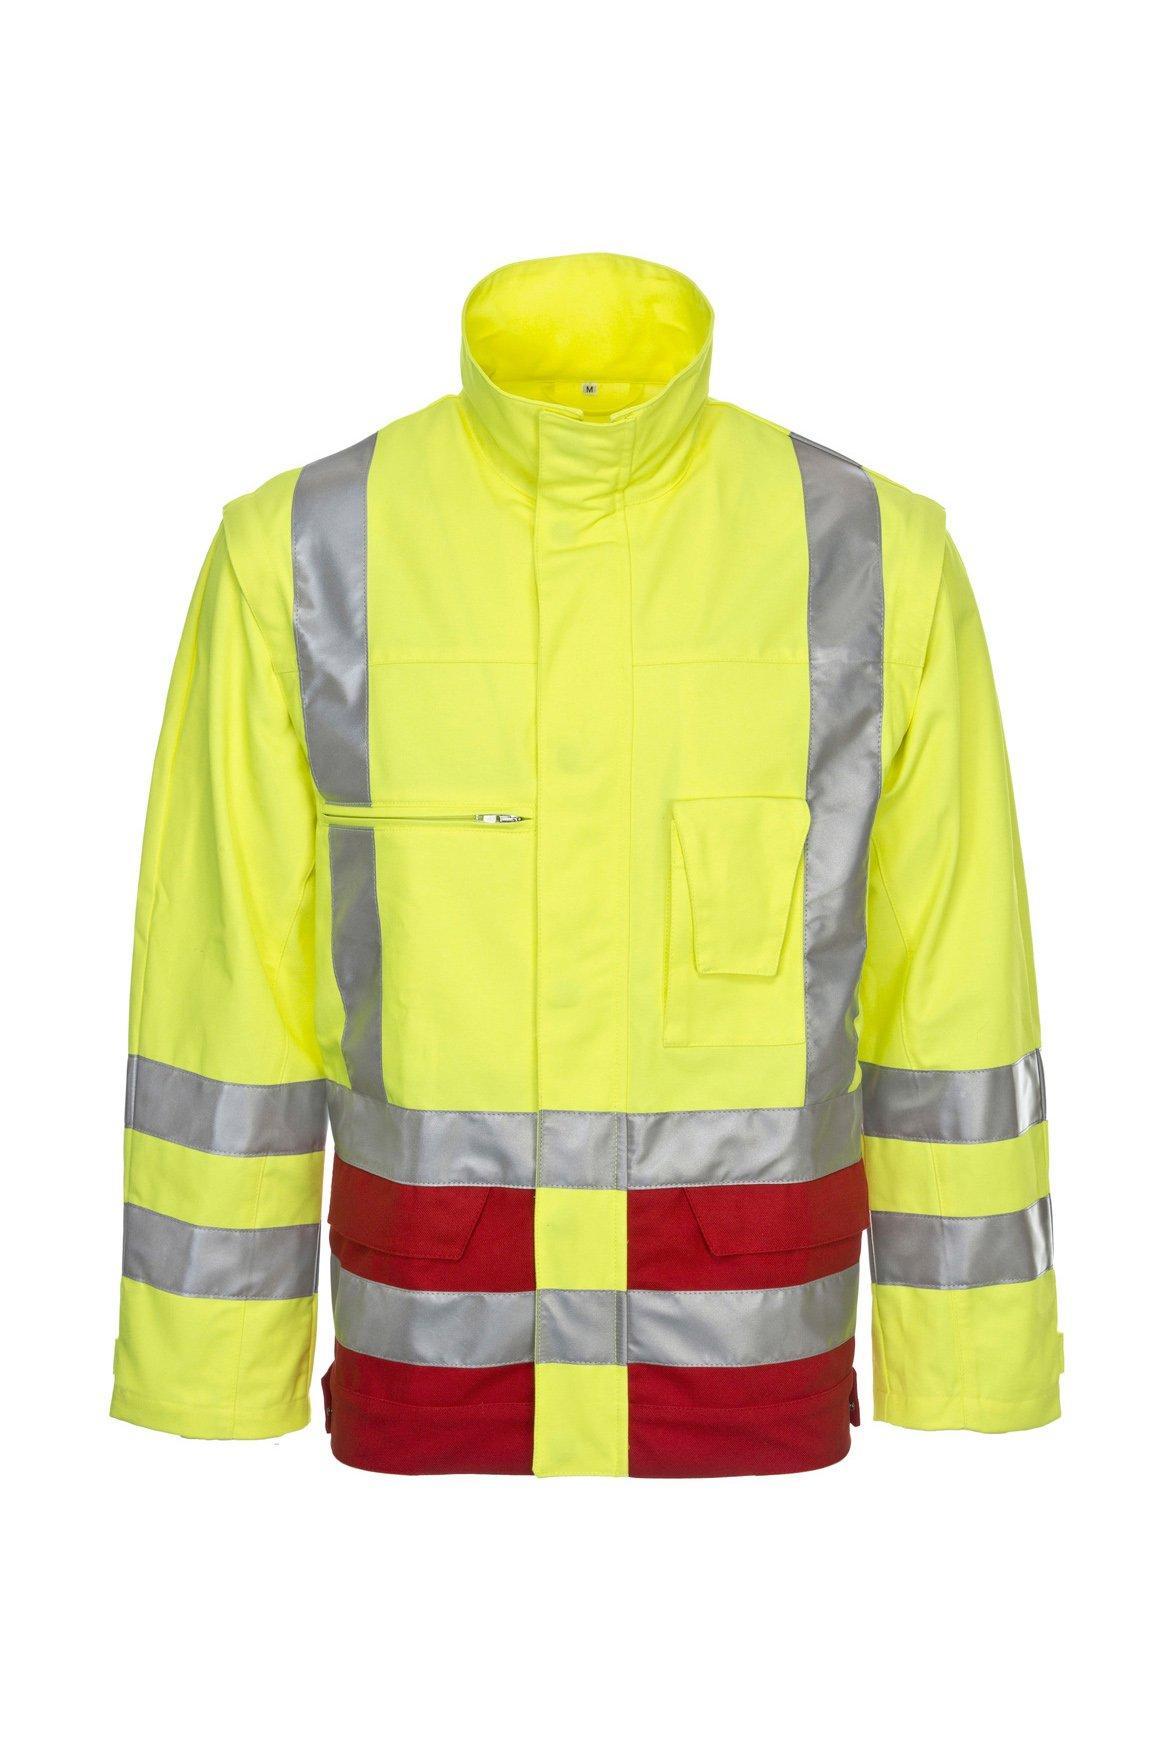 Warnschutz-Arbeitsjacke, fluorescent lemon/navy, ISO 20471 Kl. 2